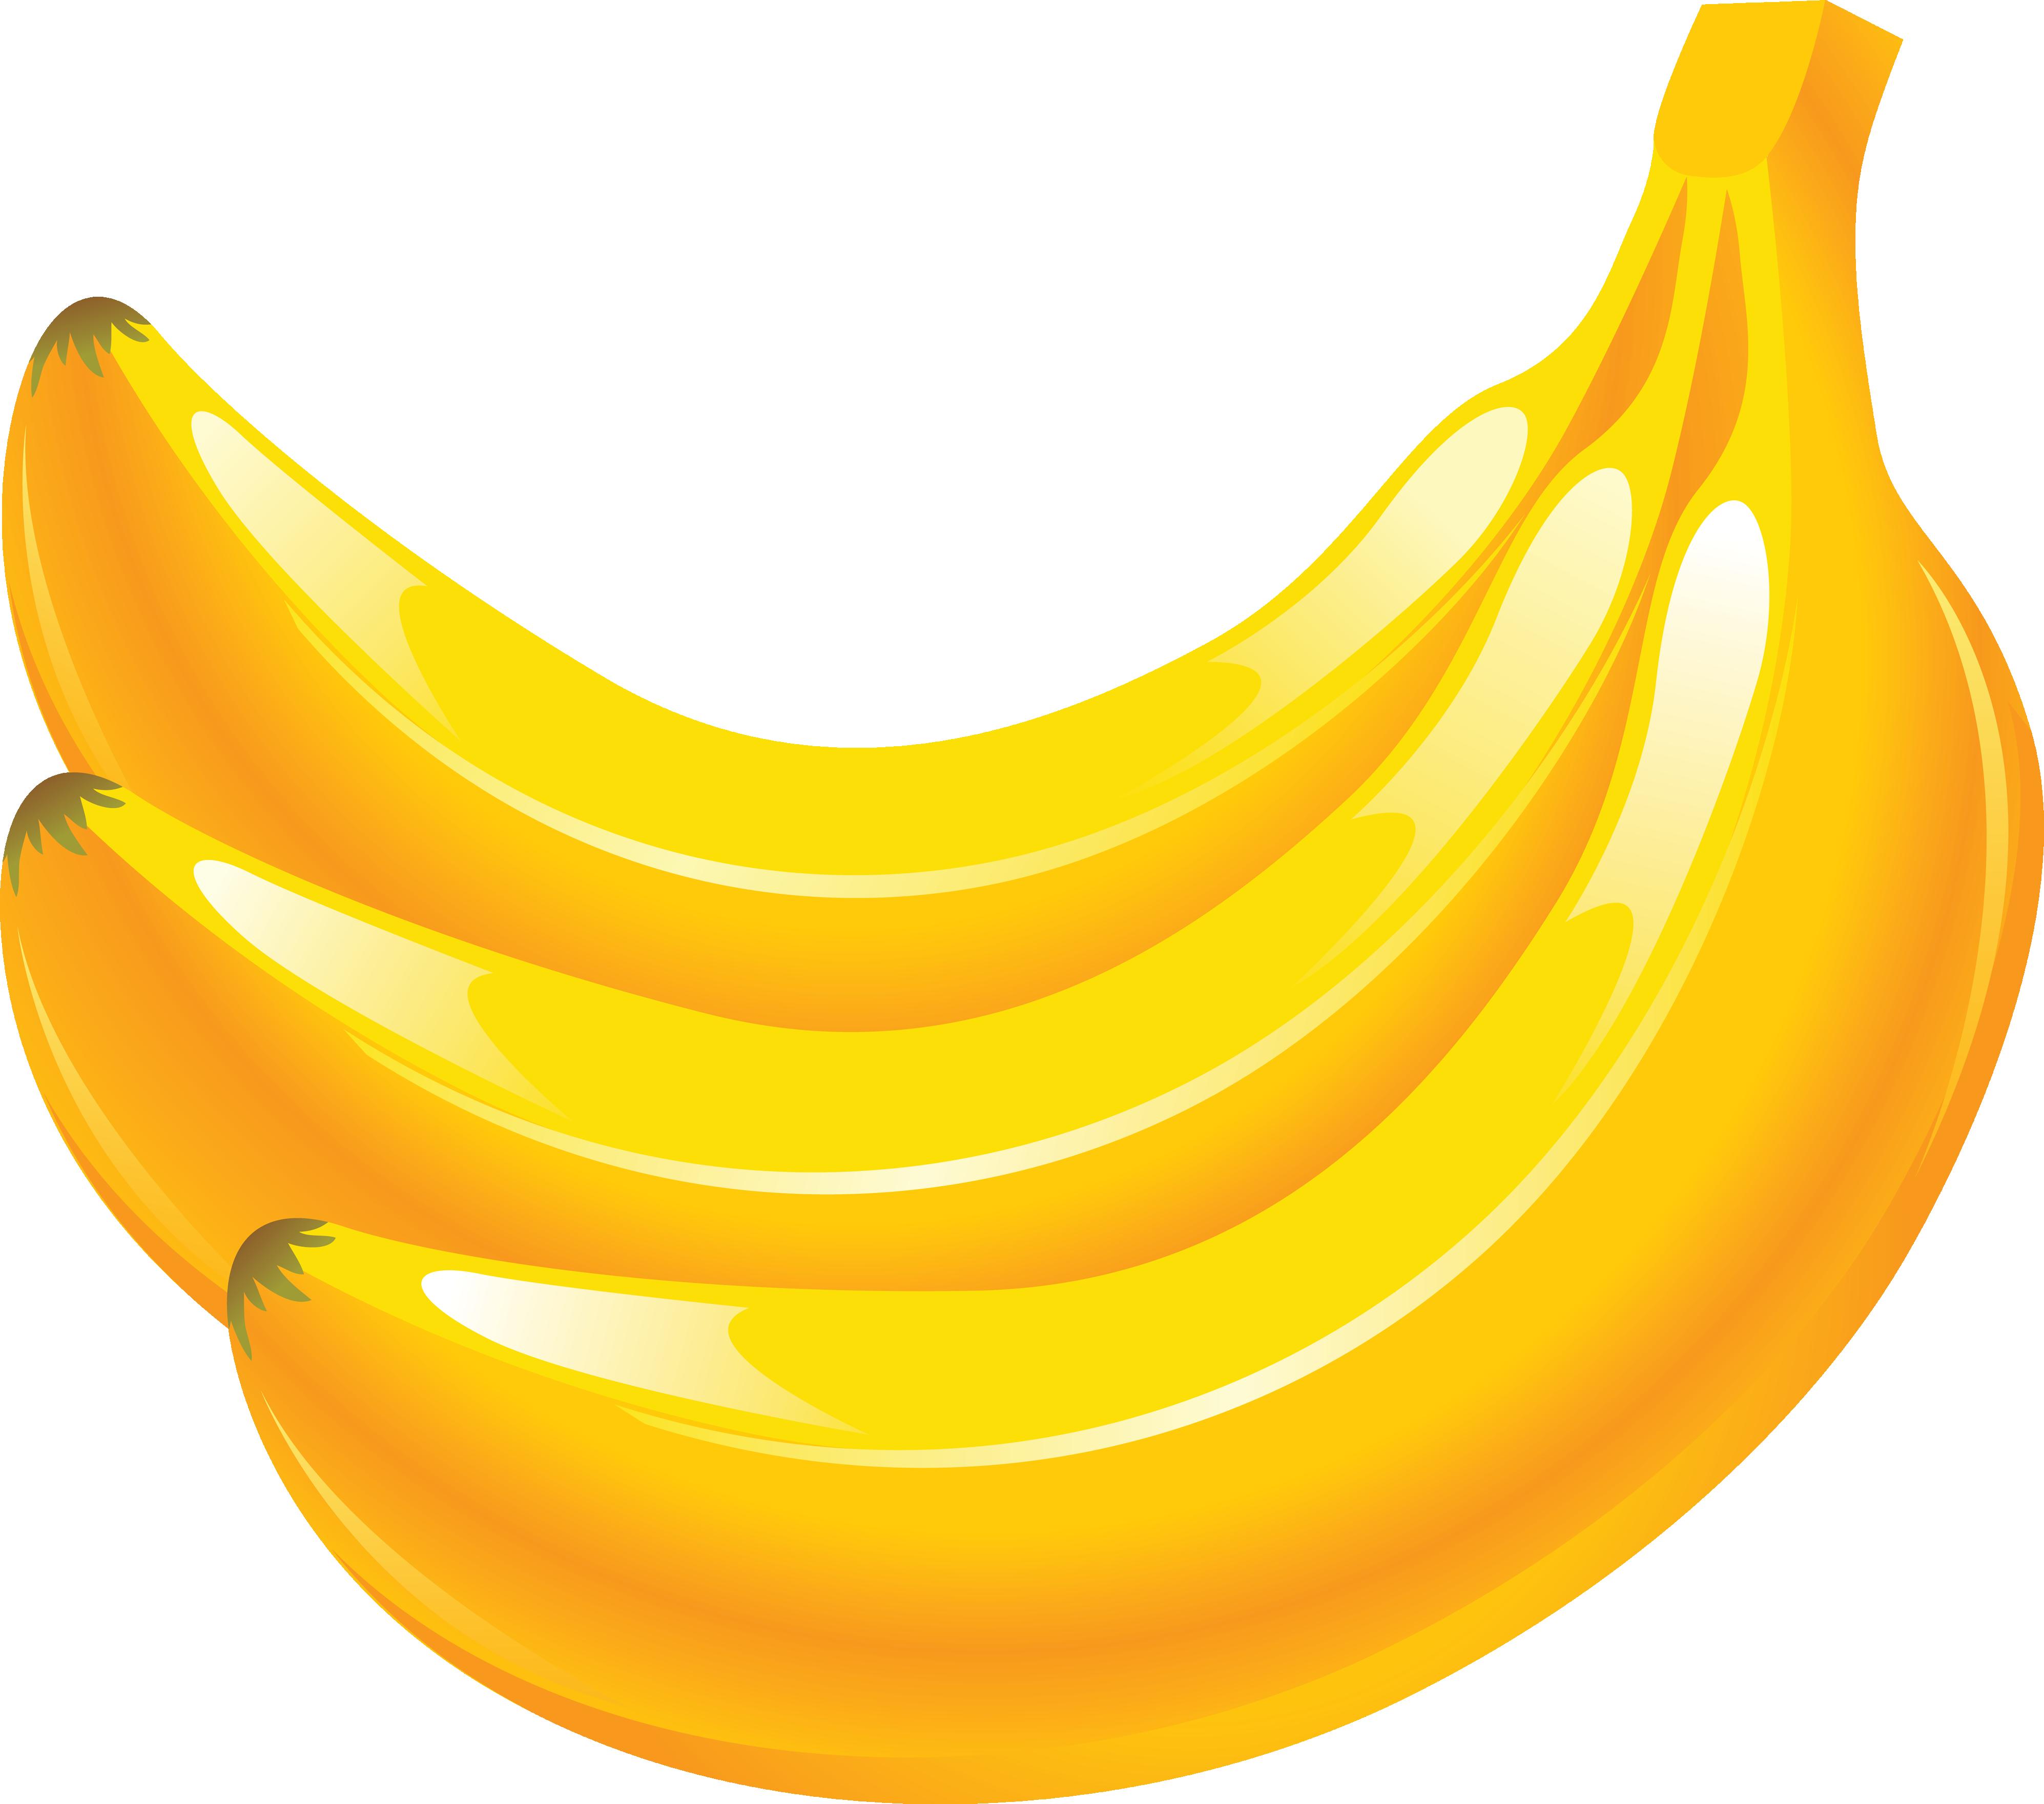 Banana PNG - 7374